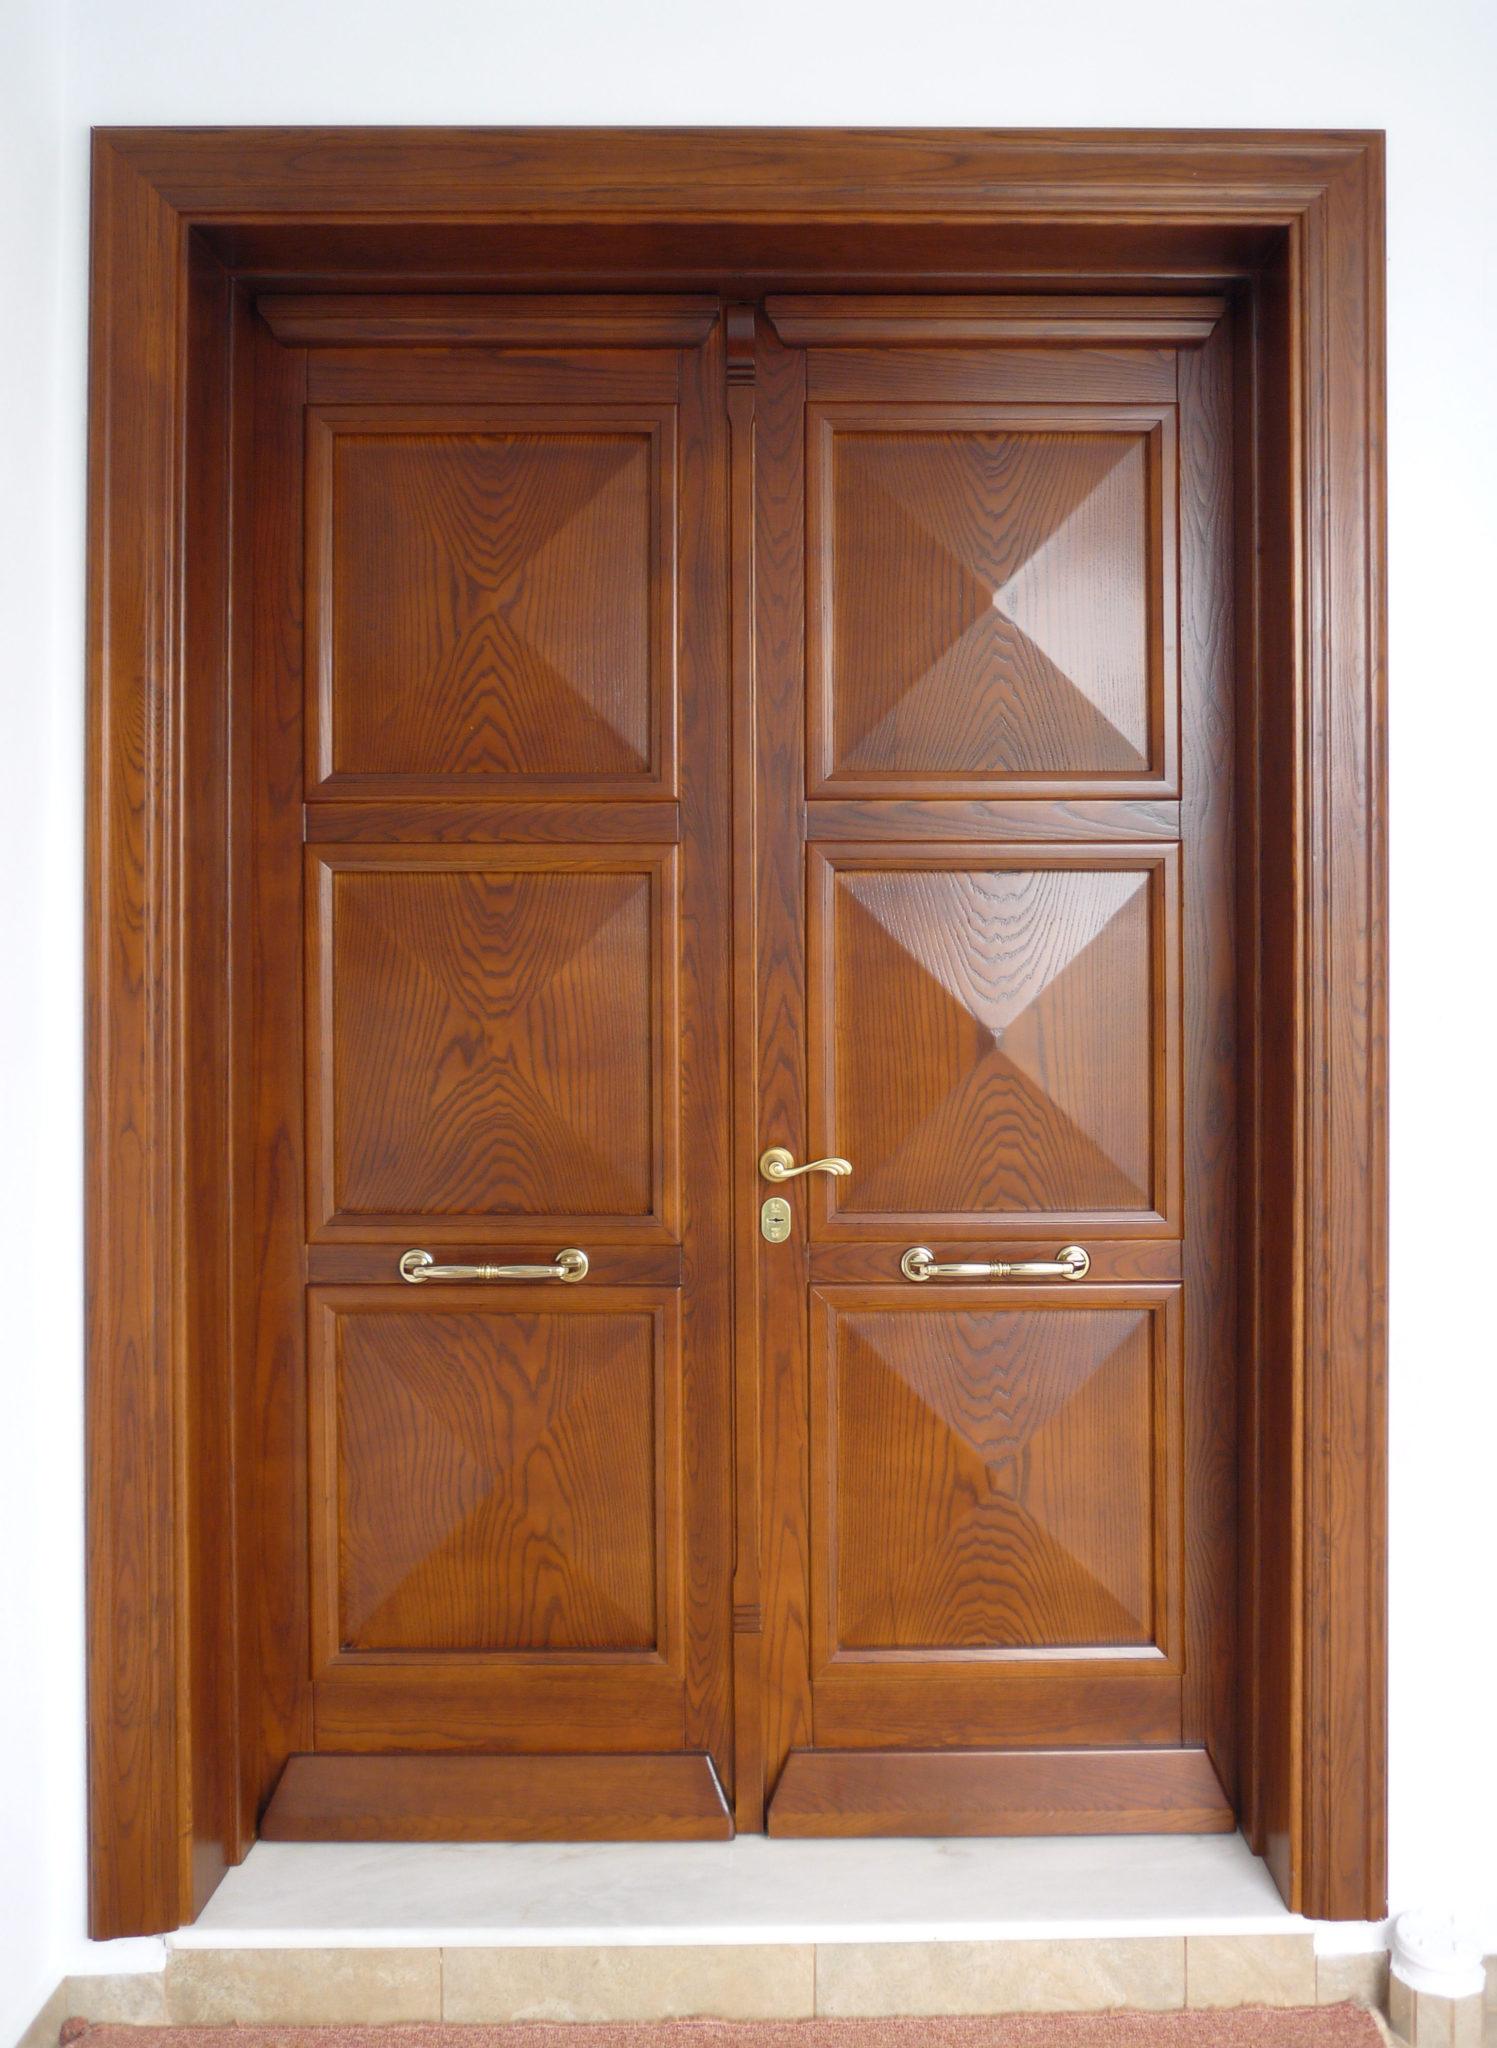 ξύλινη εξωτερική πόρτα ασφαλείας με ταμπλάδες